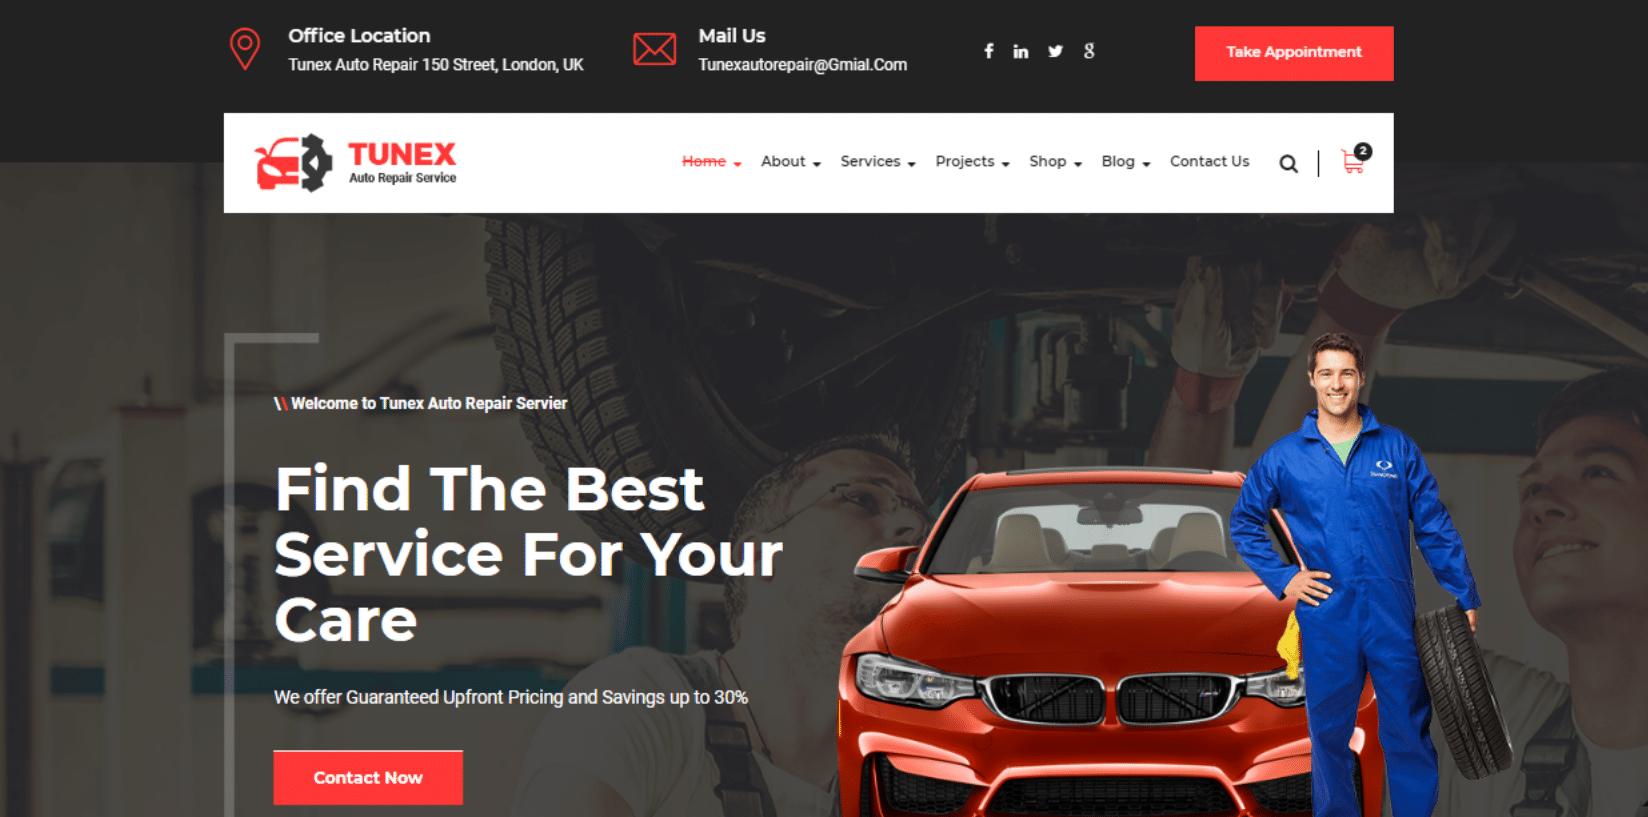 tunex-automotive-website-template